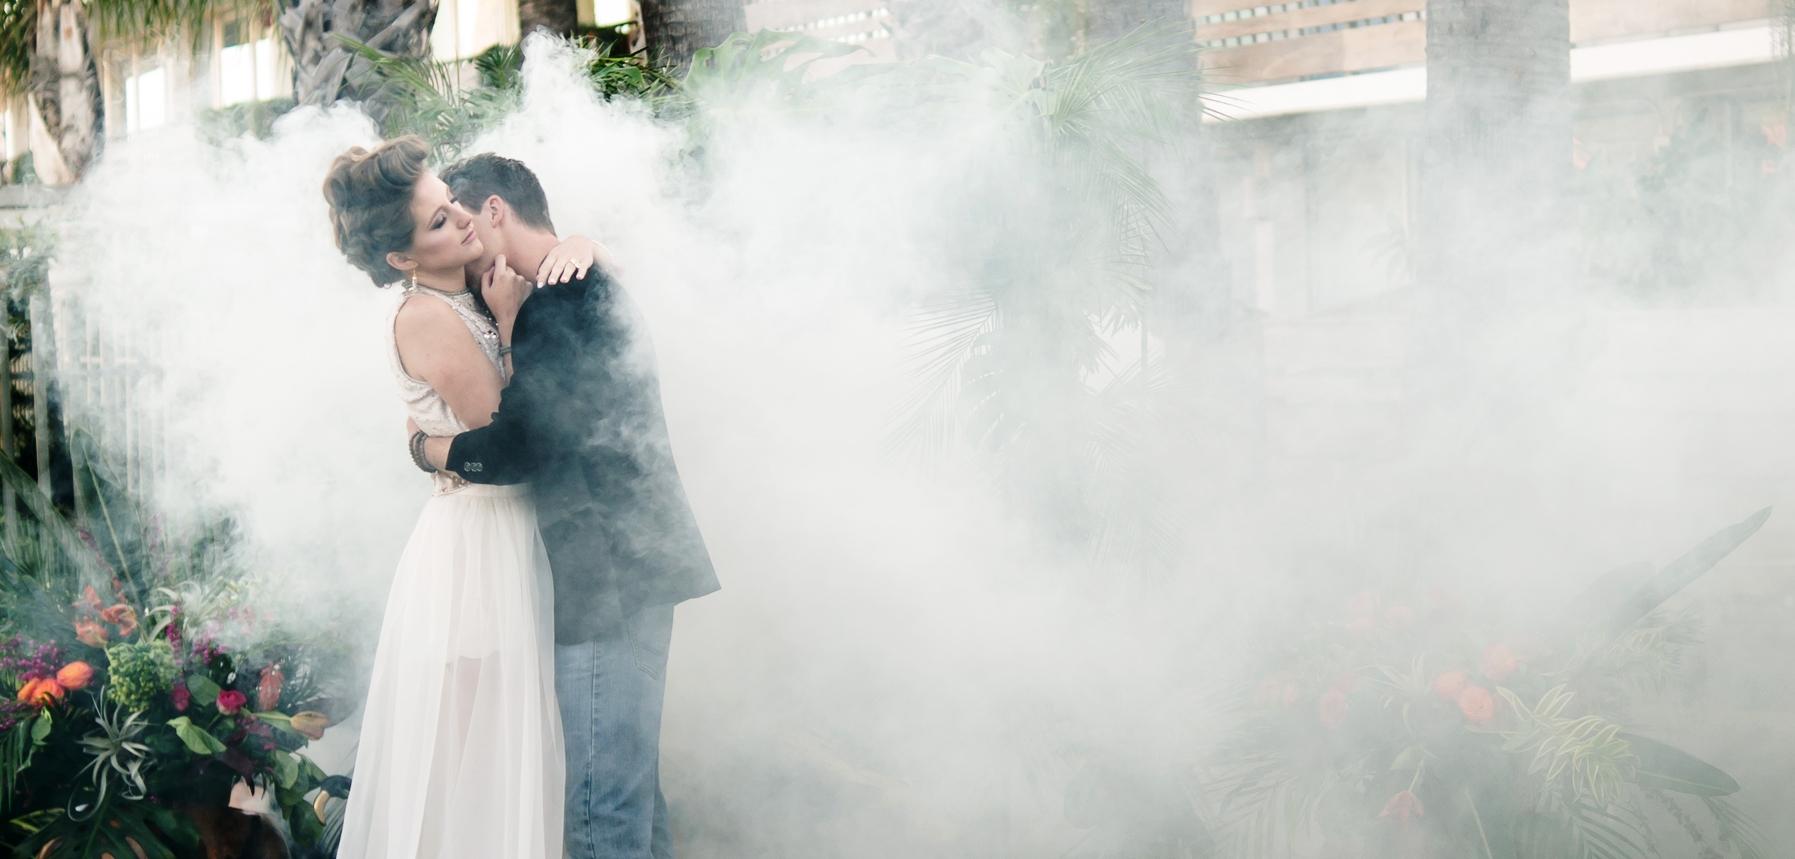 Mjukt ljus, och lite rök, gör den gråaste dagen vacker och spännande! I brist på dimma finns rökpatroner...